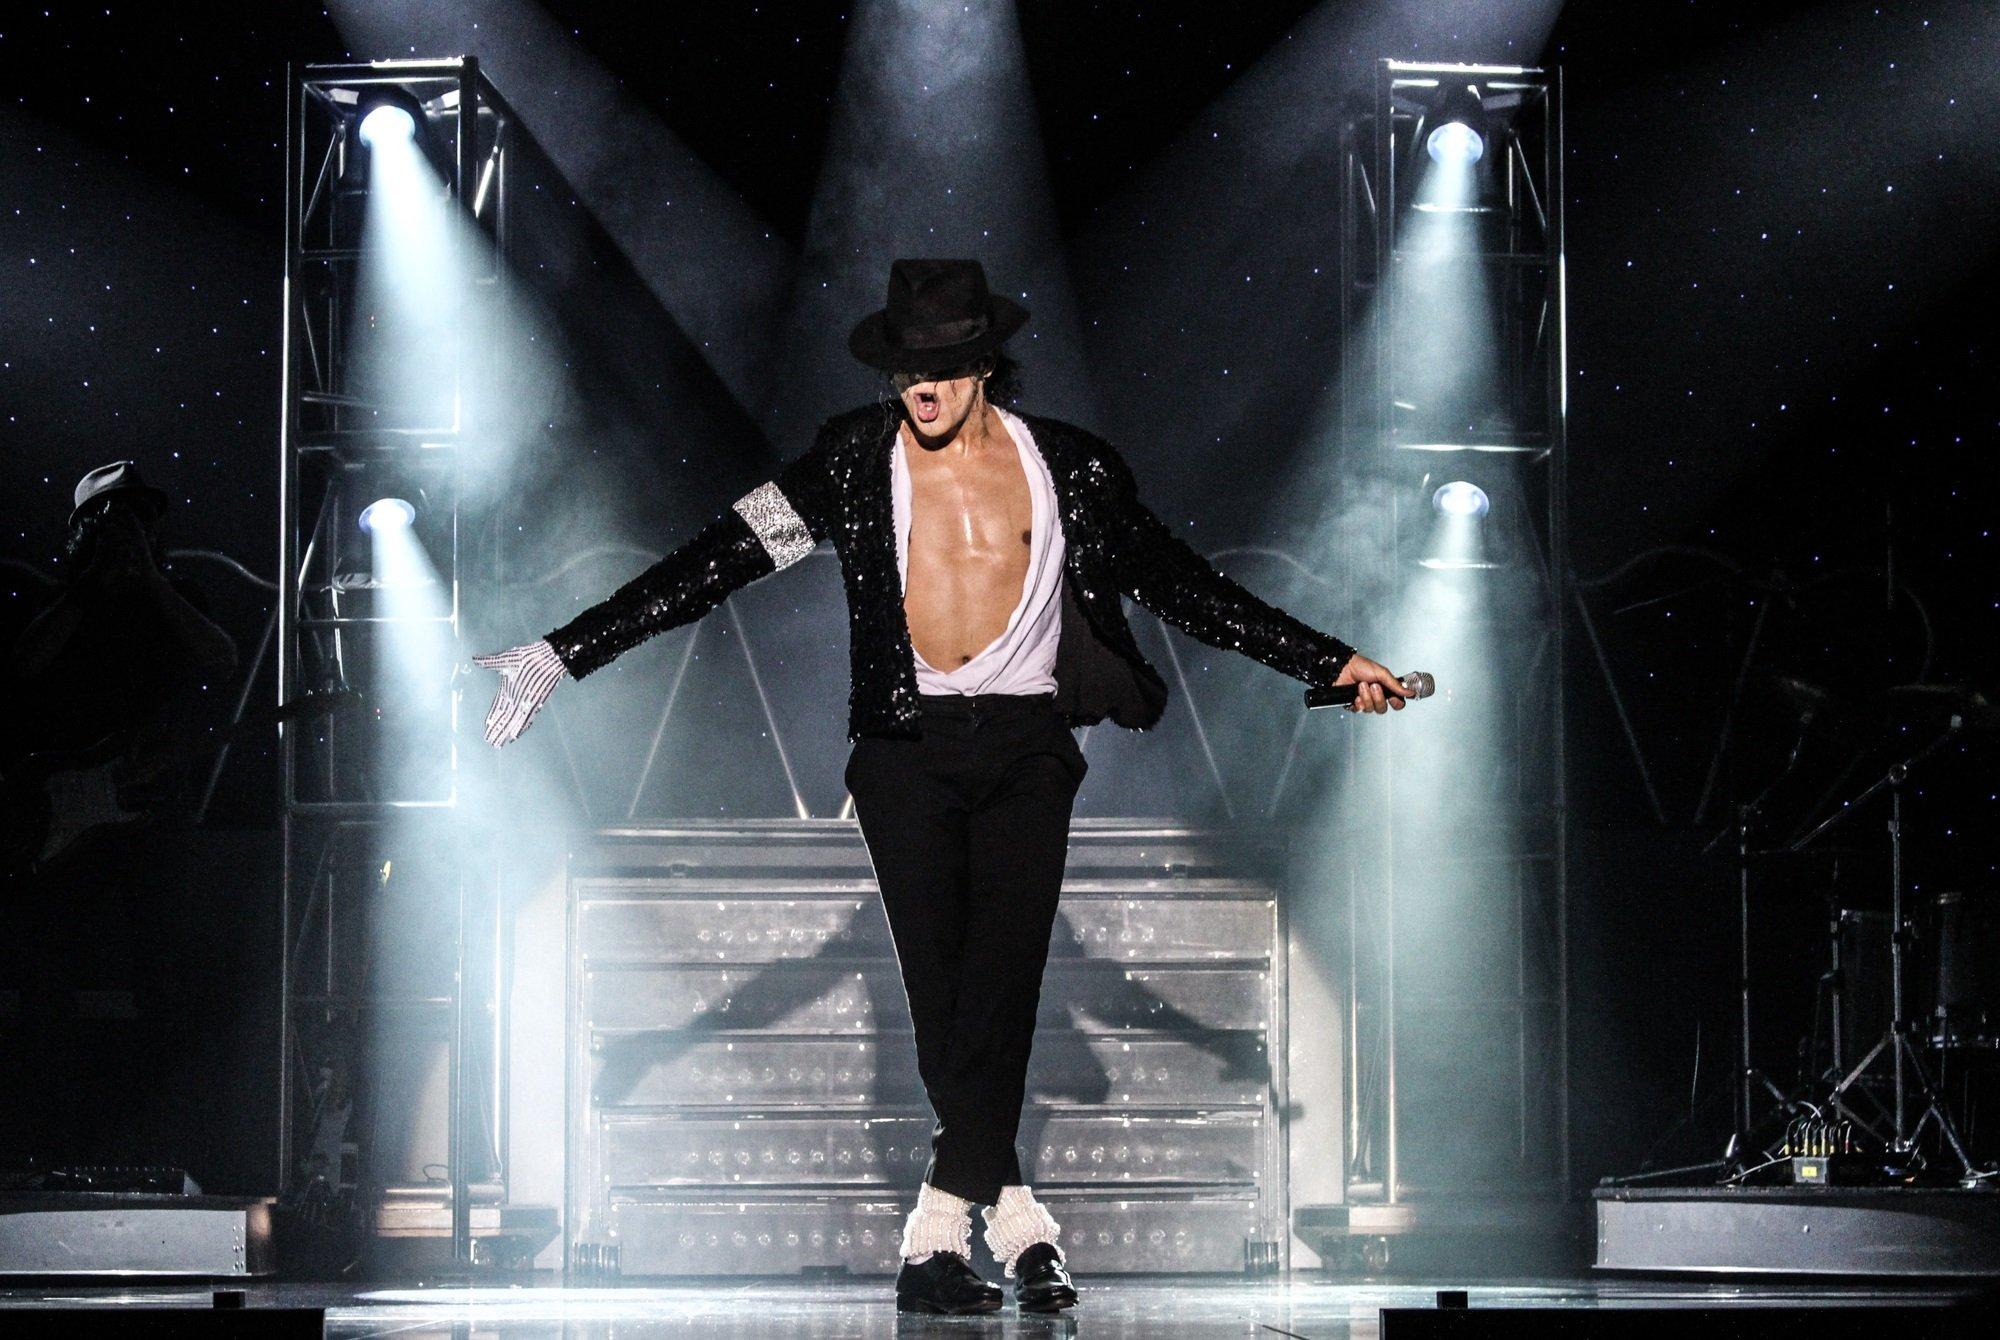 MJ Live The Strat, MJ Live Las Vegas, MJ Live Las Vegas 2021, Jules Franca Michael Jackson, MJ Live at The Strat, MJ Live The Strat 2021, Michael Jackson Las Vegas Show 2021